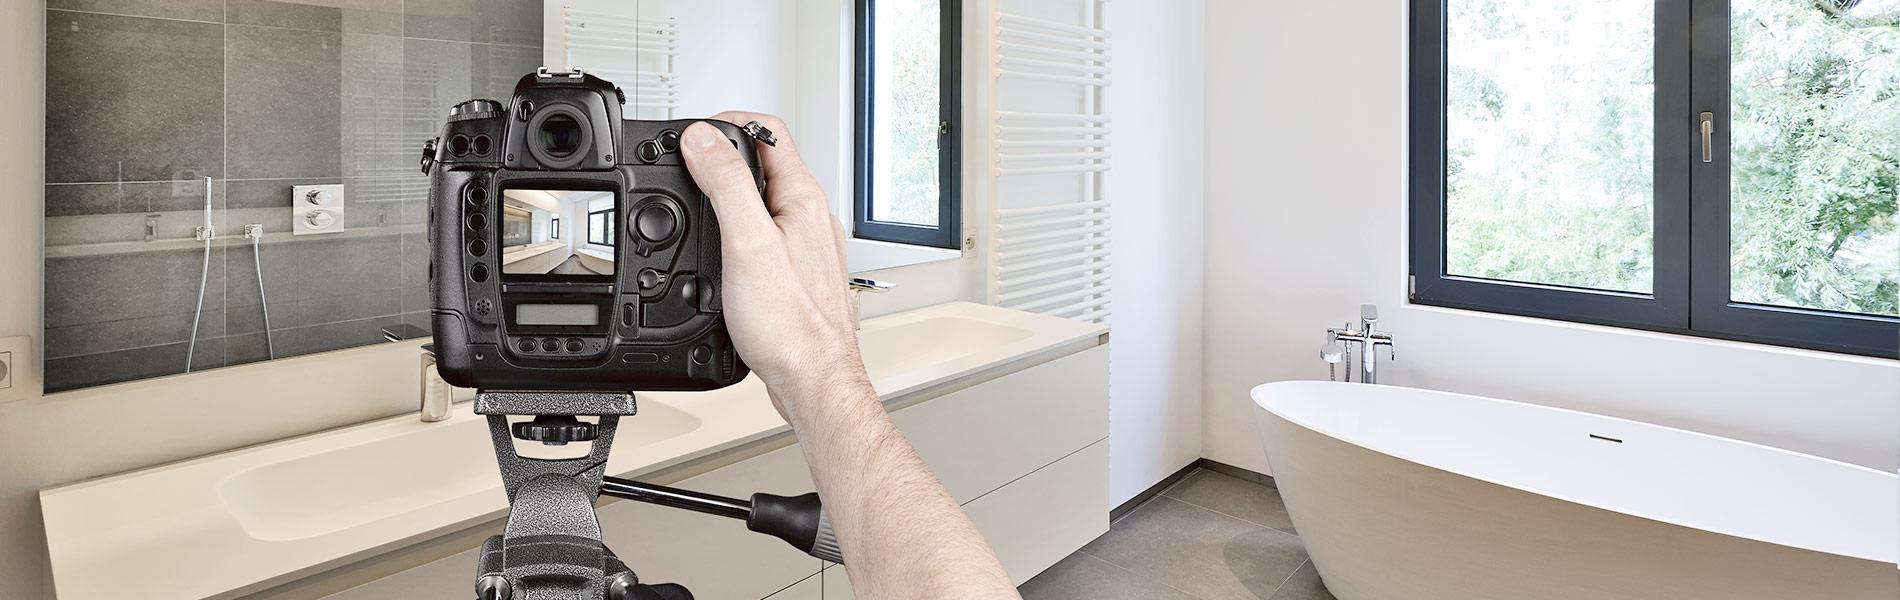 Darstellung einer Immobilienfotografie